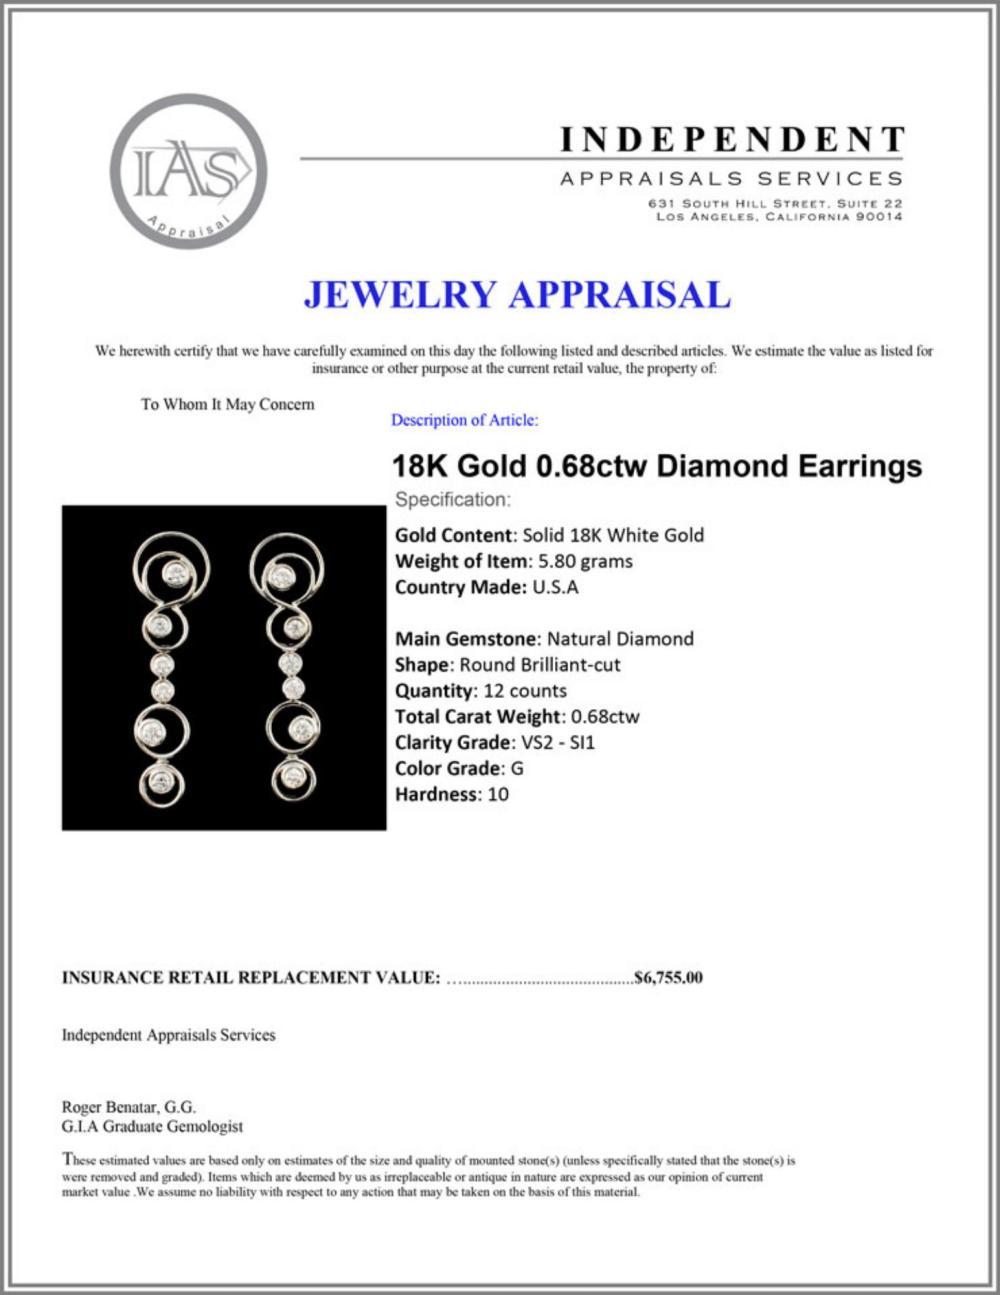 Lot 52: 18K Gold 0.68ctw Diamond Earrings